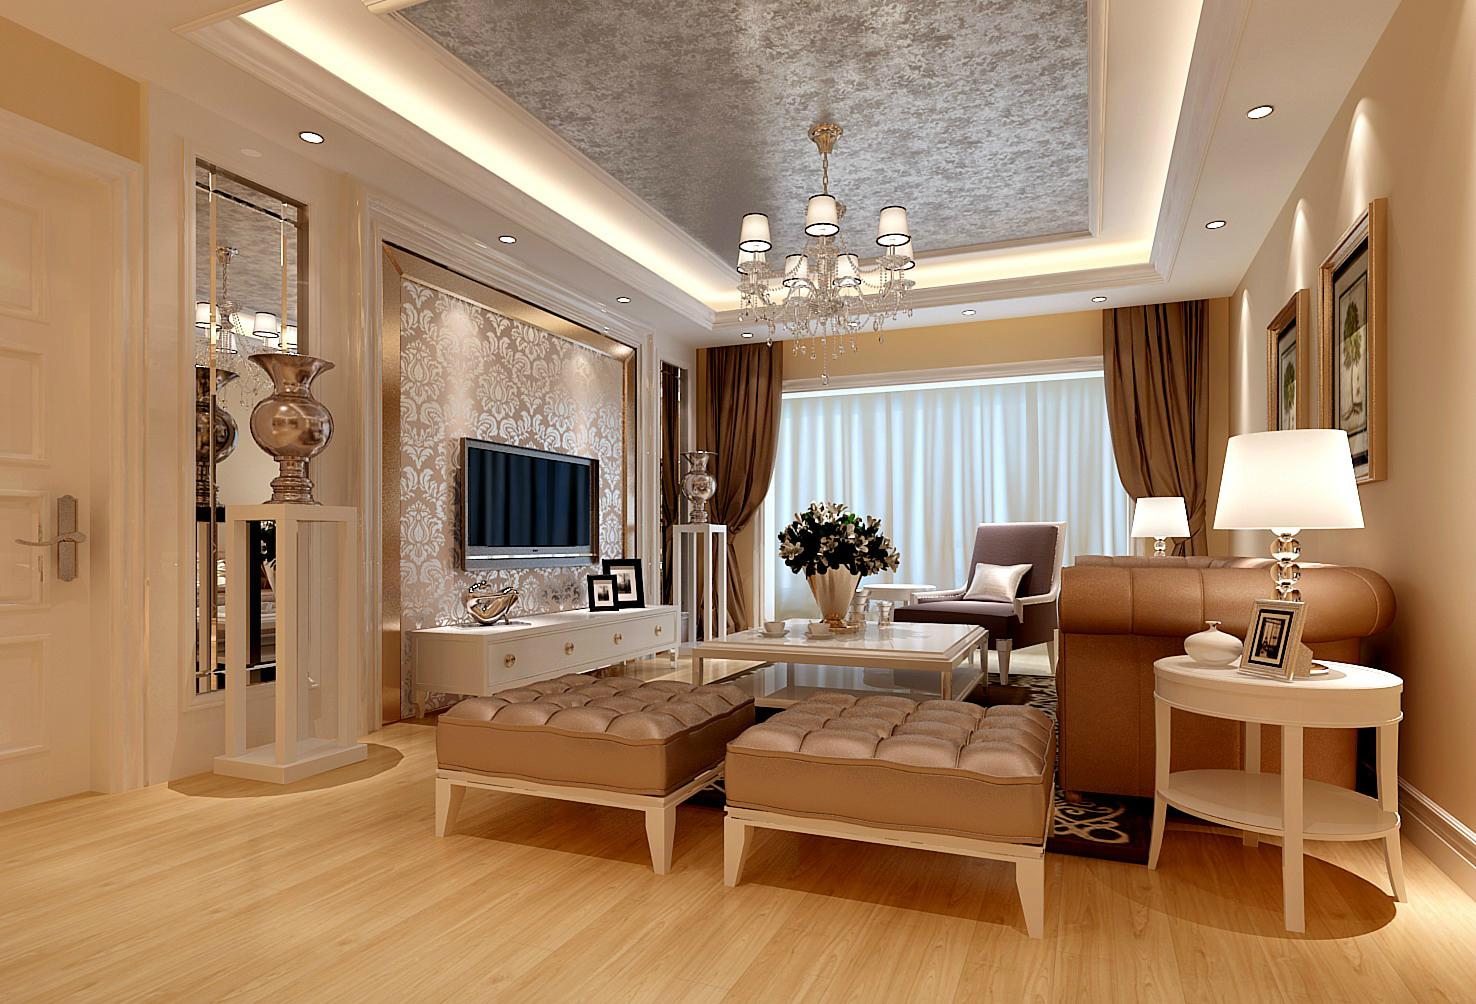 华丽欧式 王府花园 老房改造 旧房改造 收纳 三居 客厅图片来自北京今朝装饰在华丽欧式---昌平王府花园的分享